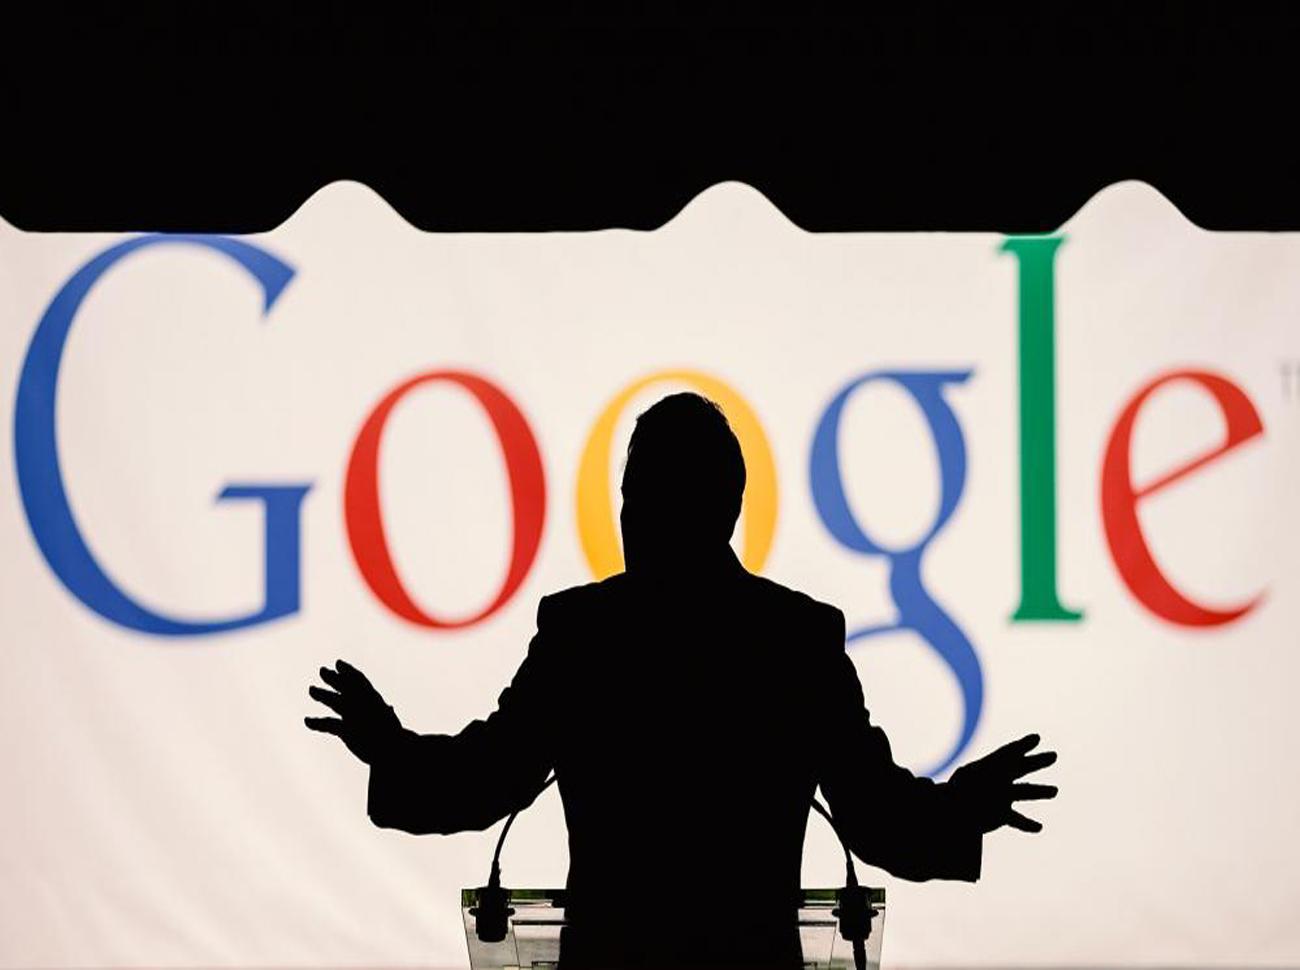 Google Arama Sonuçlarını Taraflı Sunuyor Olabilir